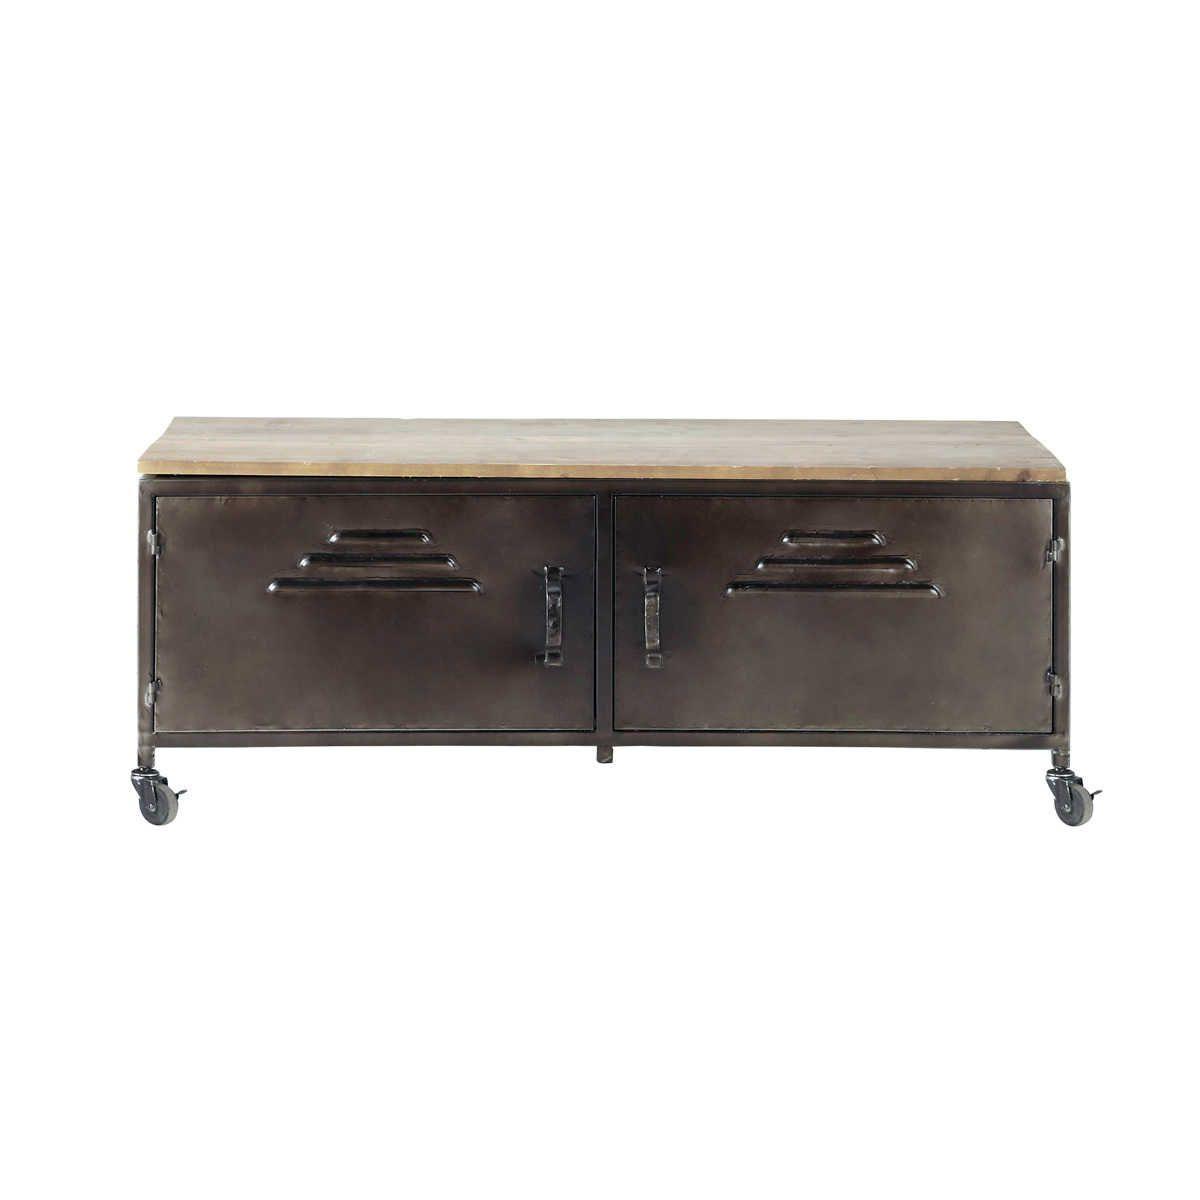 Mueble tv de estilo industrial wayne danza muebles muebles para tv y estilo industrial - Le monde muebles ...